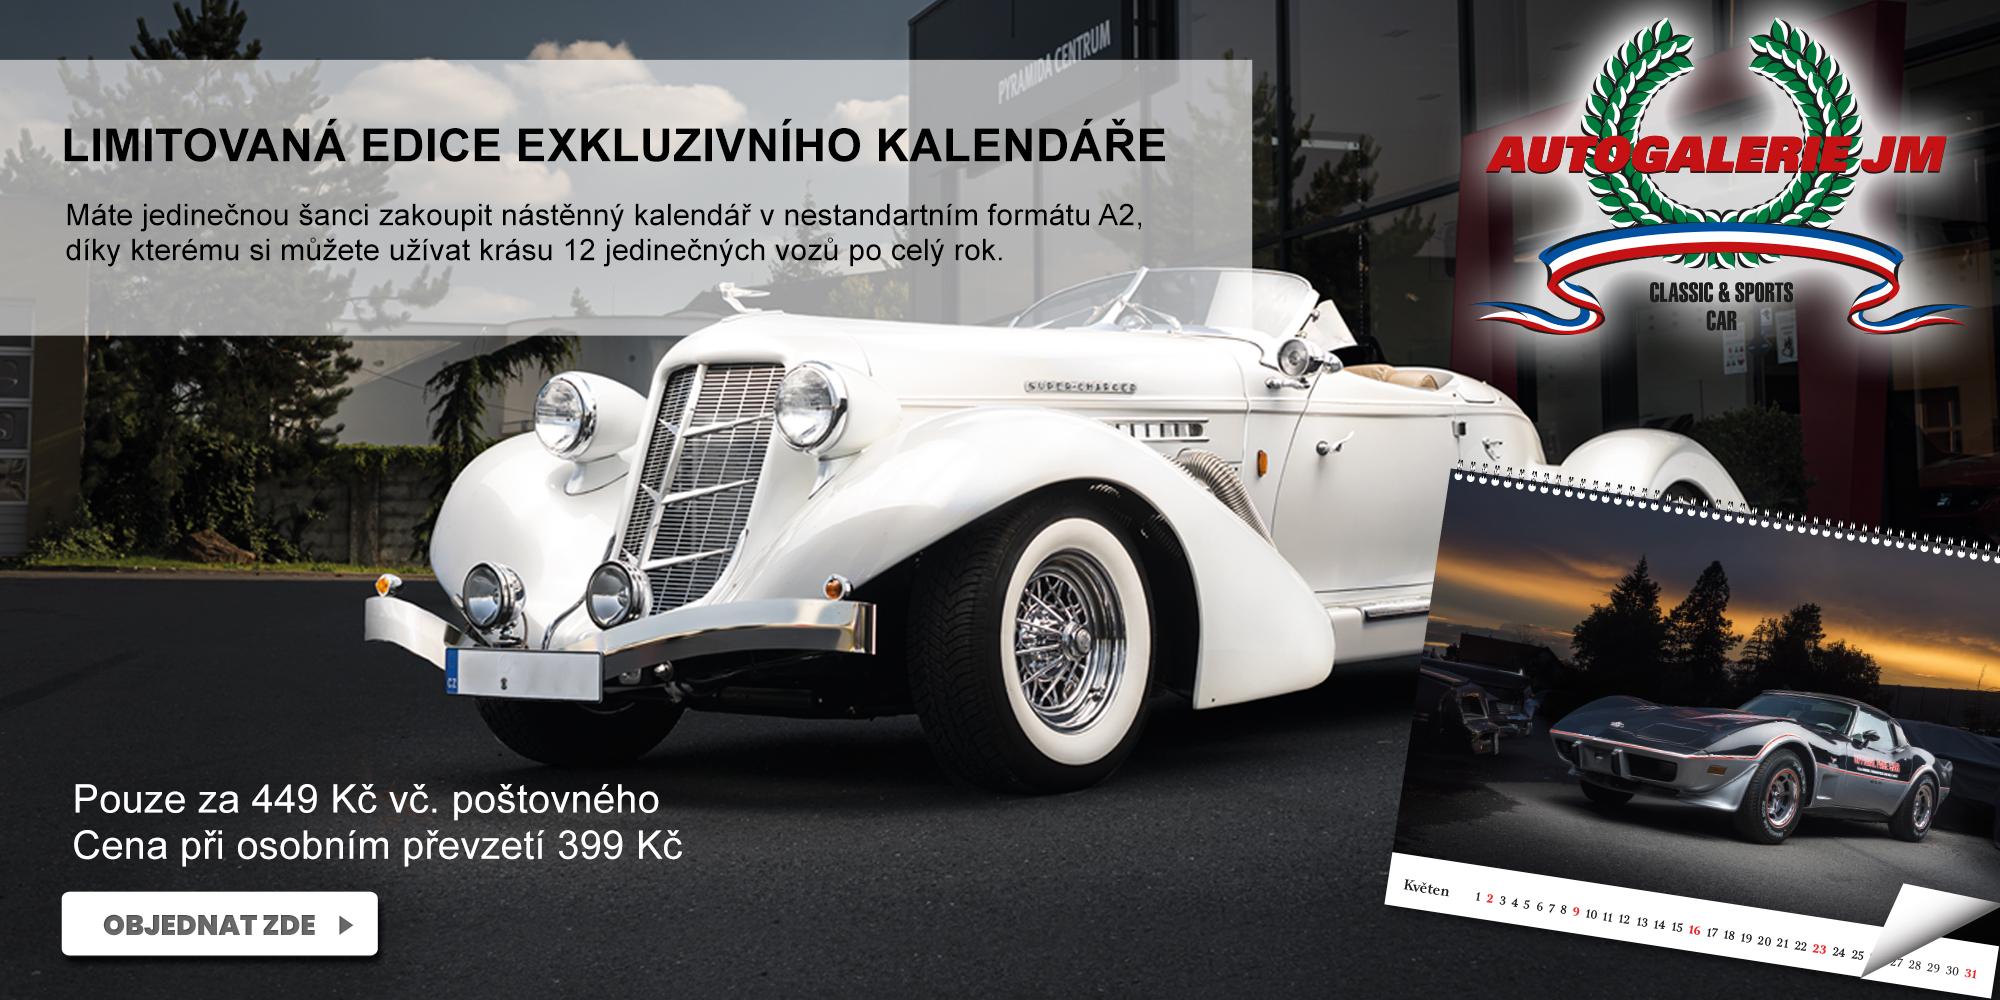 AUTOGALERIE KALENDÁŘ 2021